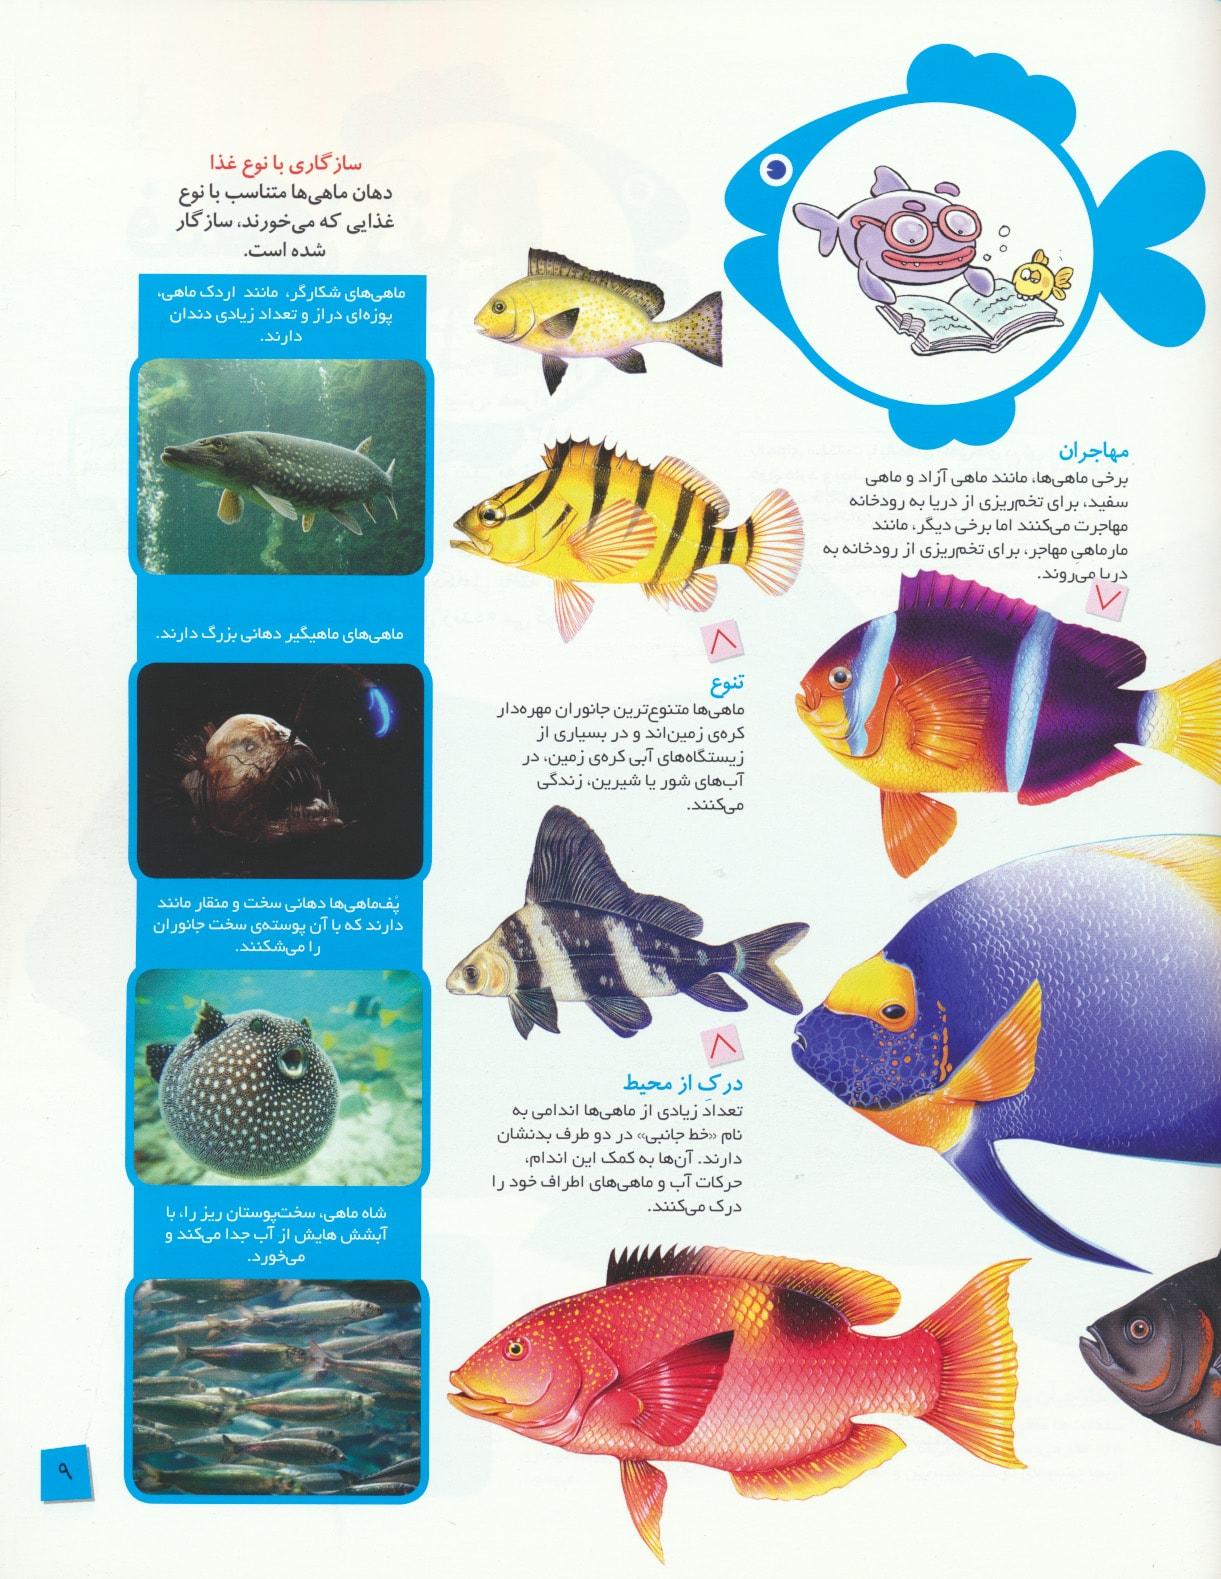 دانستنی های جانوران ایران و جهان (ماهی ها)،(گلاسه)